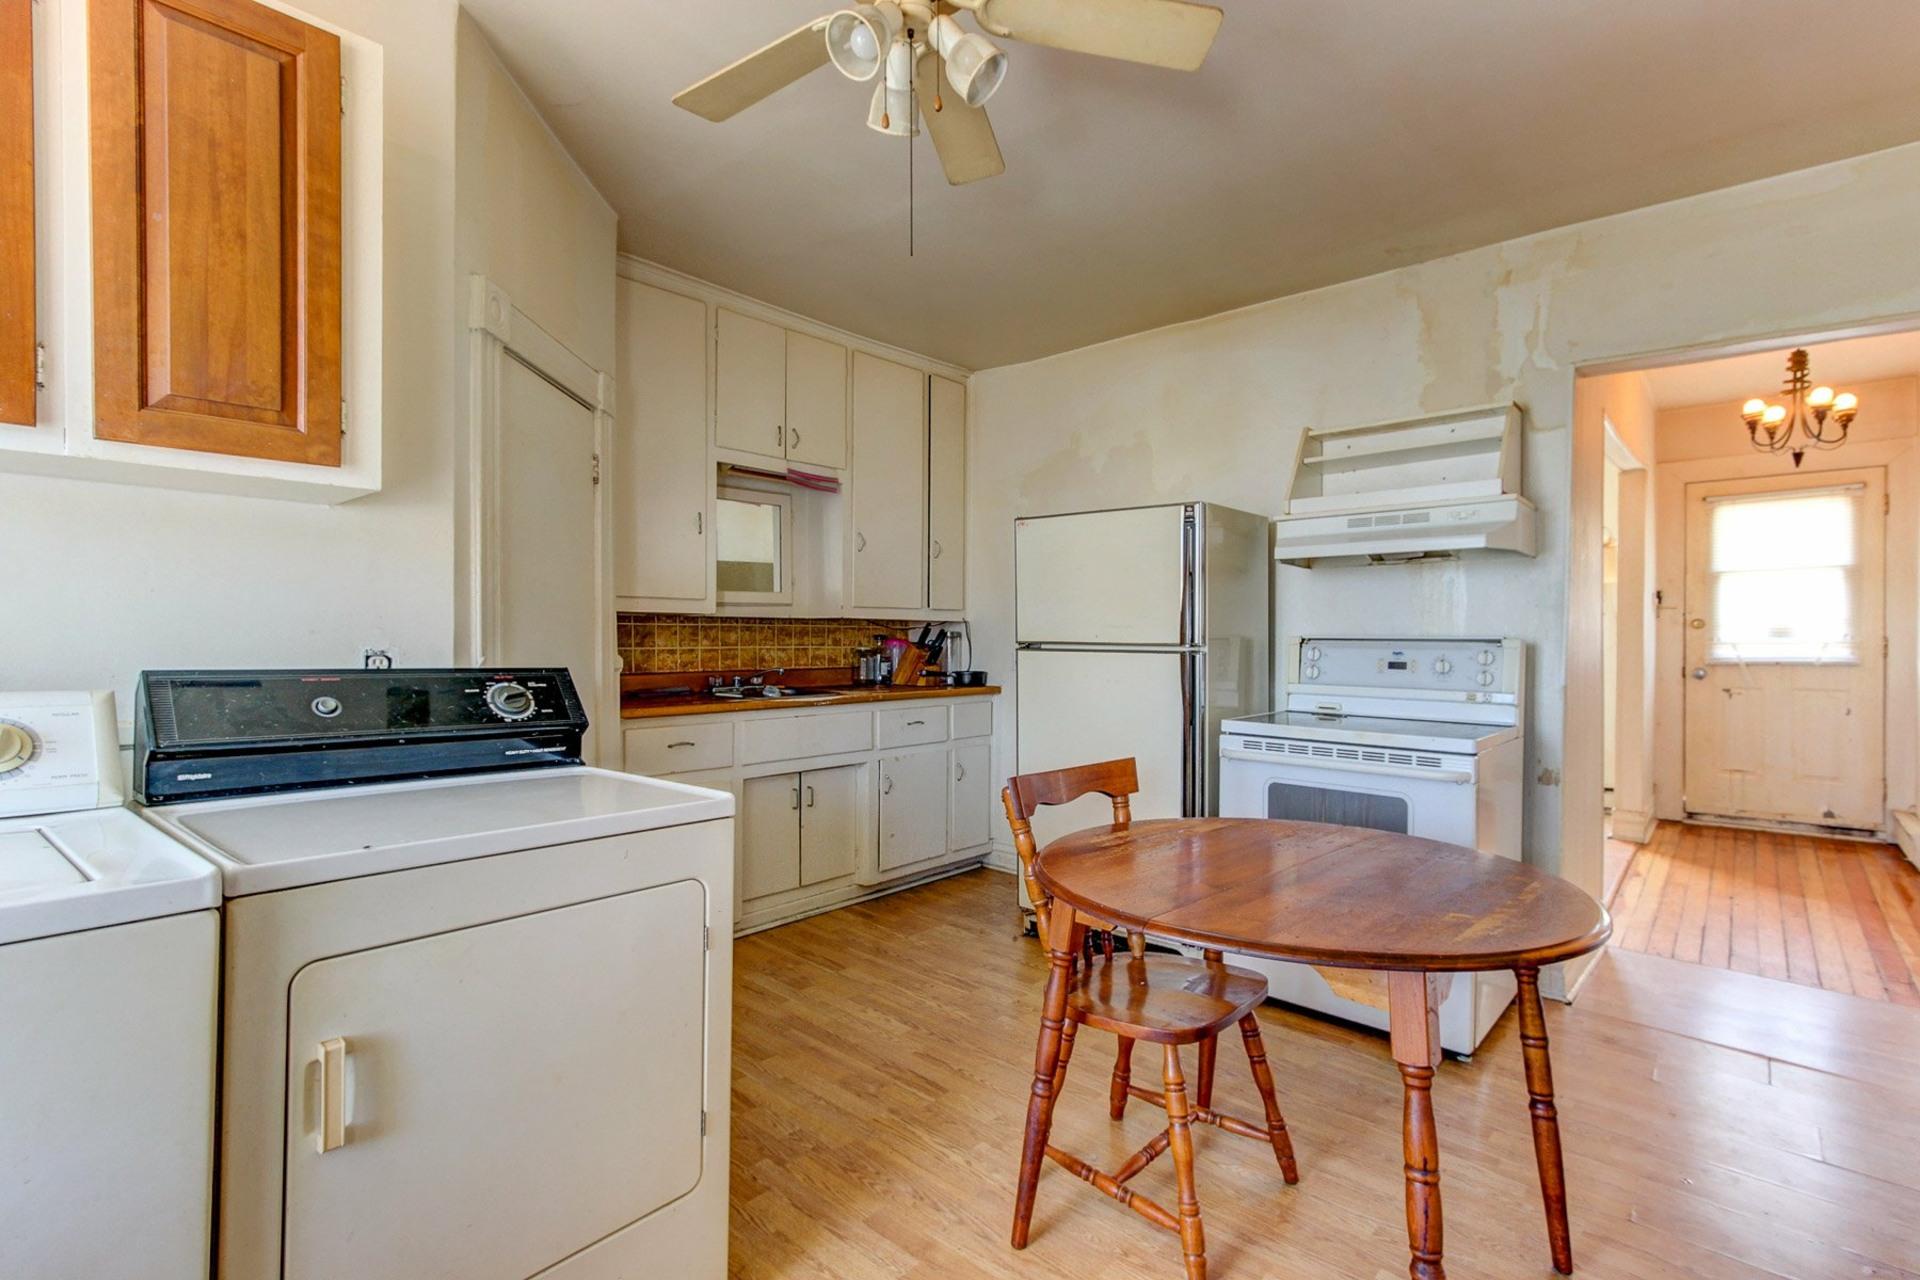 image 1 - Duplex For sale Trois-Rivières - 4 rooms